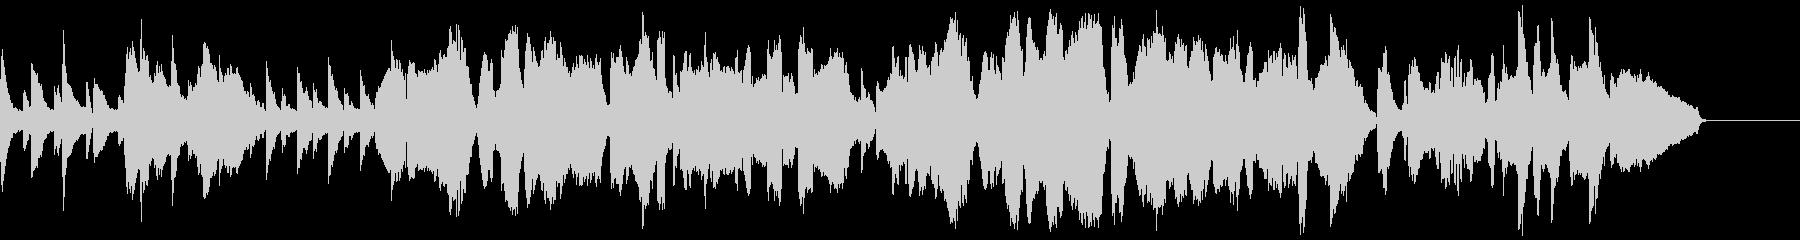 ピアノとチェロとソプラノサックスの曲の未再生の波形